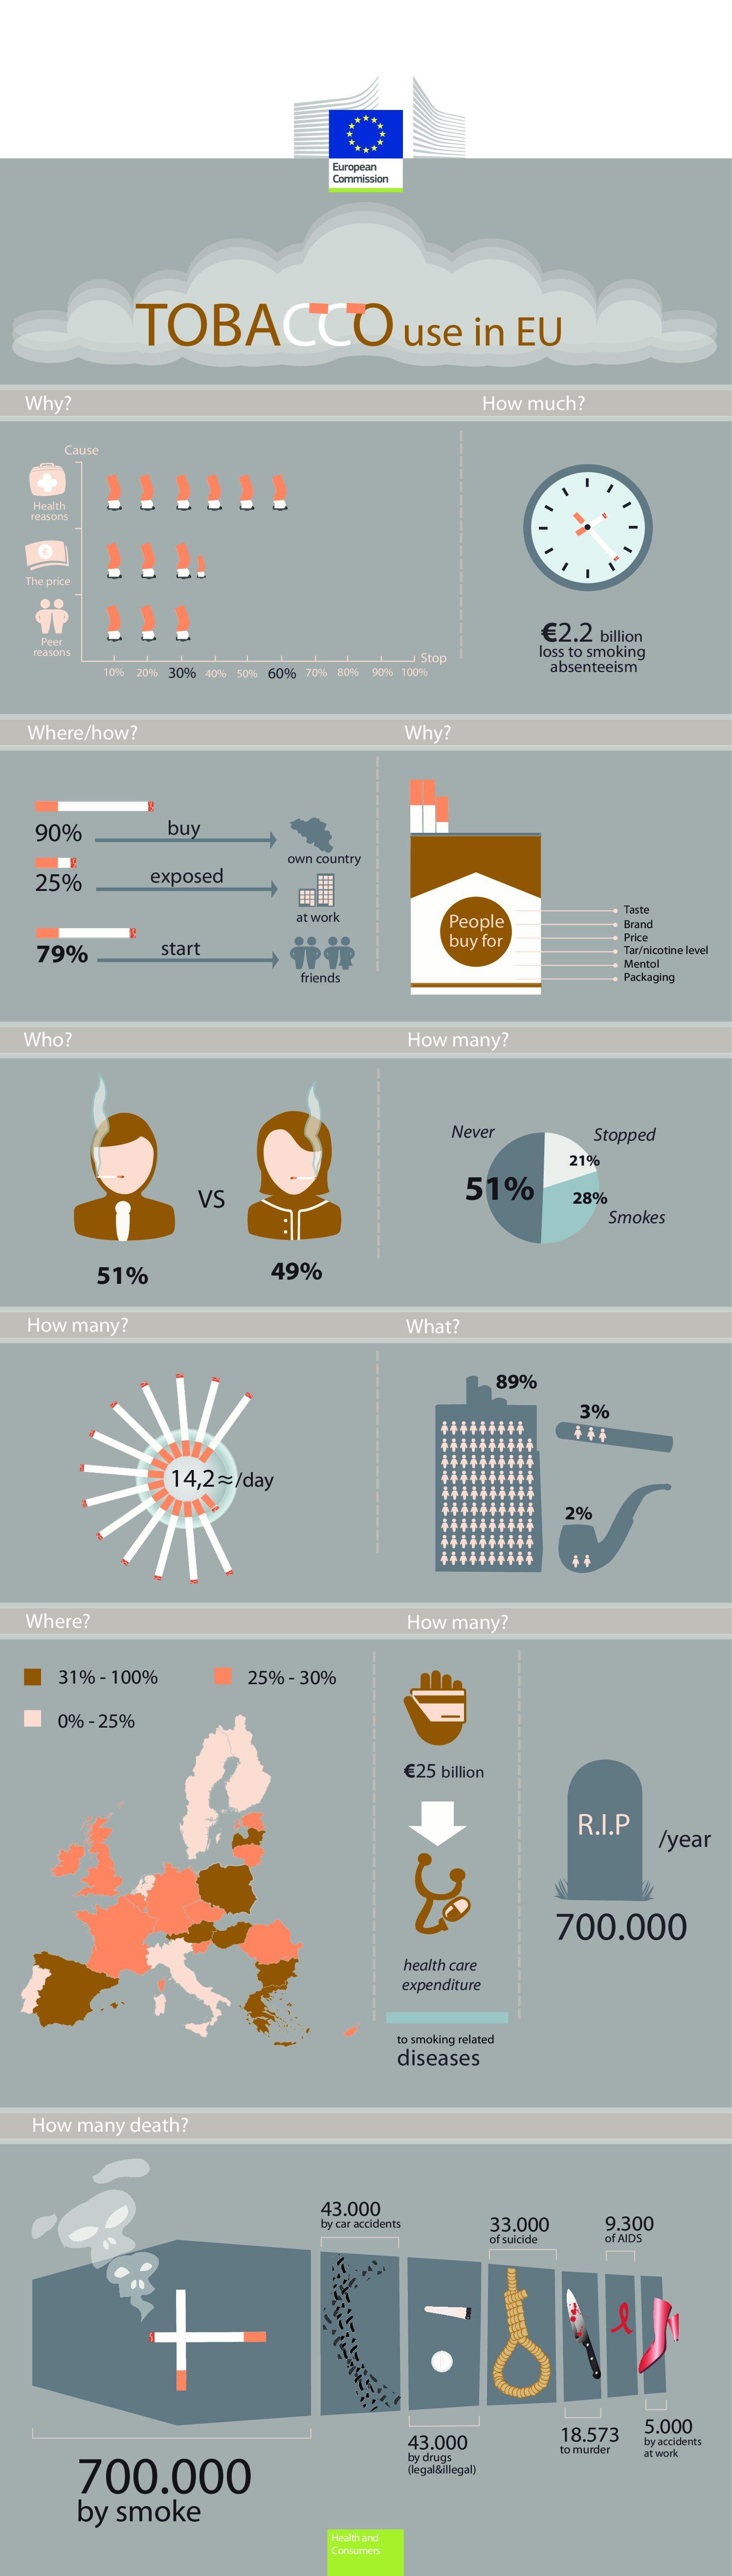 infographic-tobacco2-copie-4